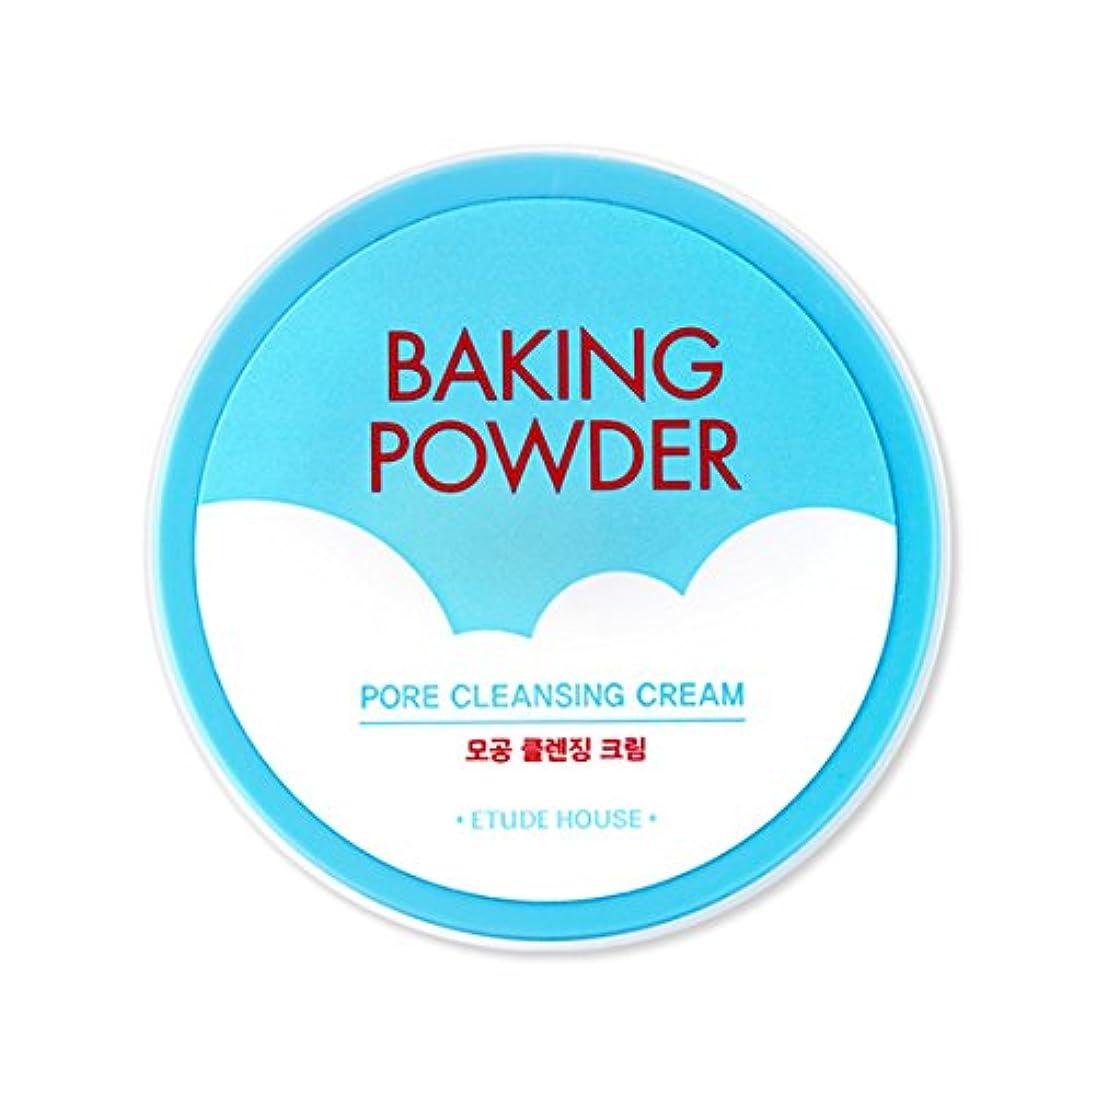 失業者カブ製造[2016 Upgrade!] ETUDE HOUSE Baking Powder Pore Cleansing Cream 180ml/エチュードハウス ベーキング パウダー ポア クレンジング クリーム 180ml...